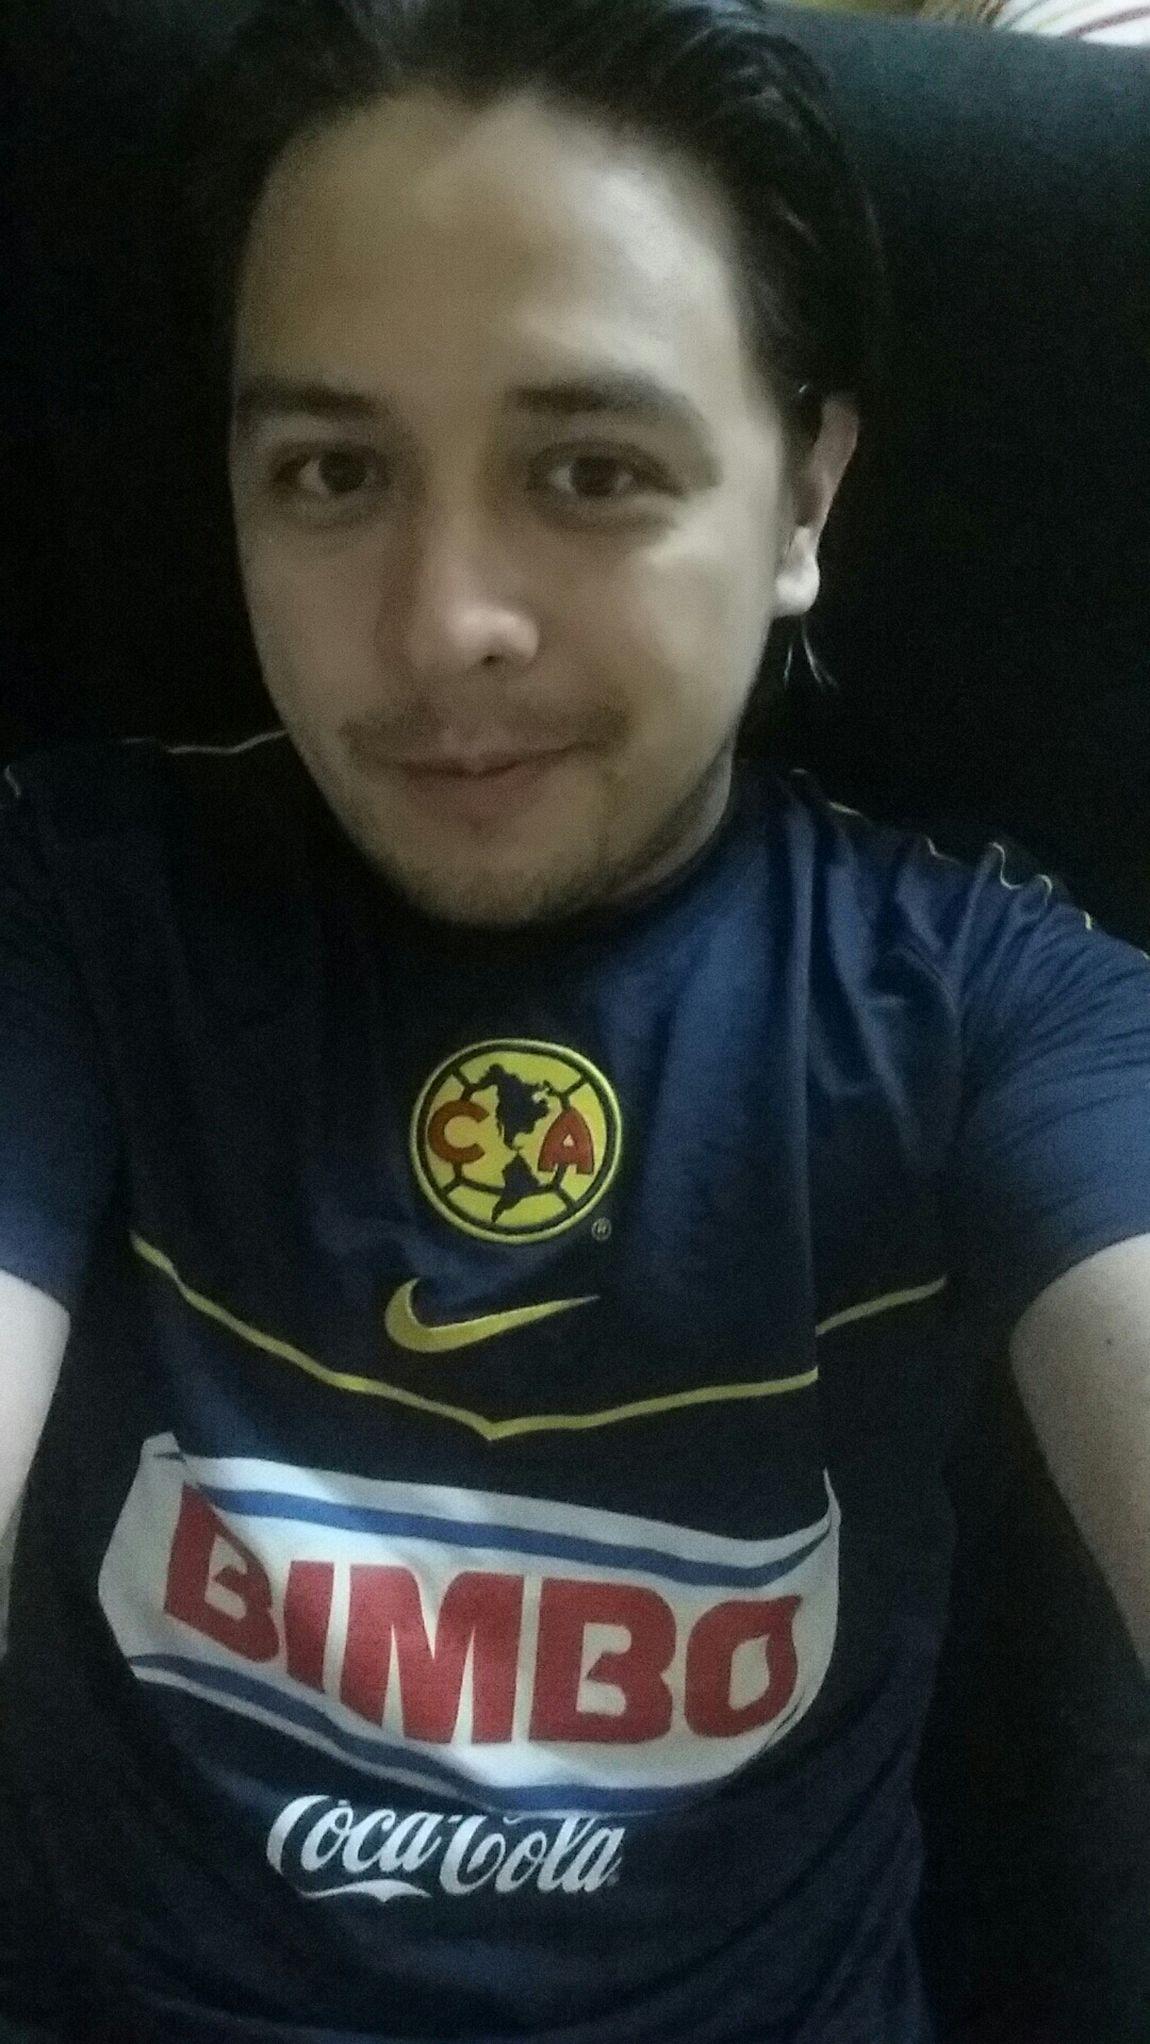 Vamos América Futbol Selfie That's Me Mexico